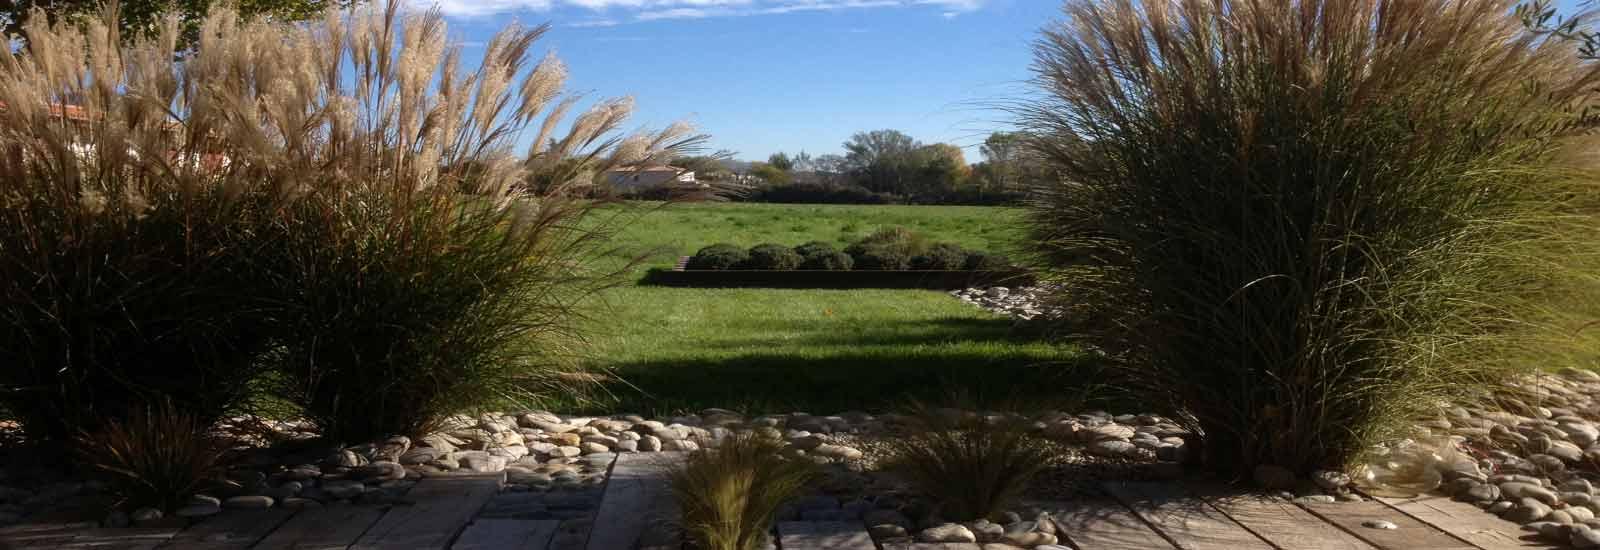 Entretien de jardin agréablement planté par le Jardin des Oliviers